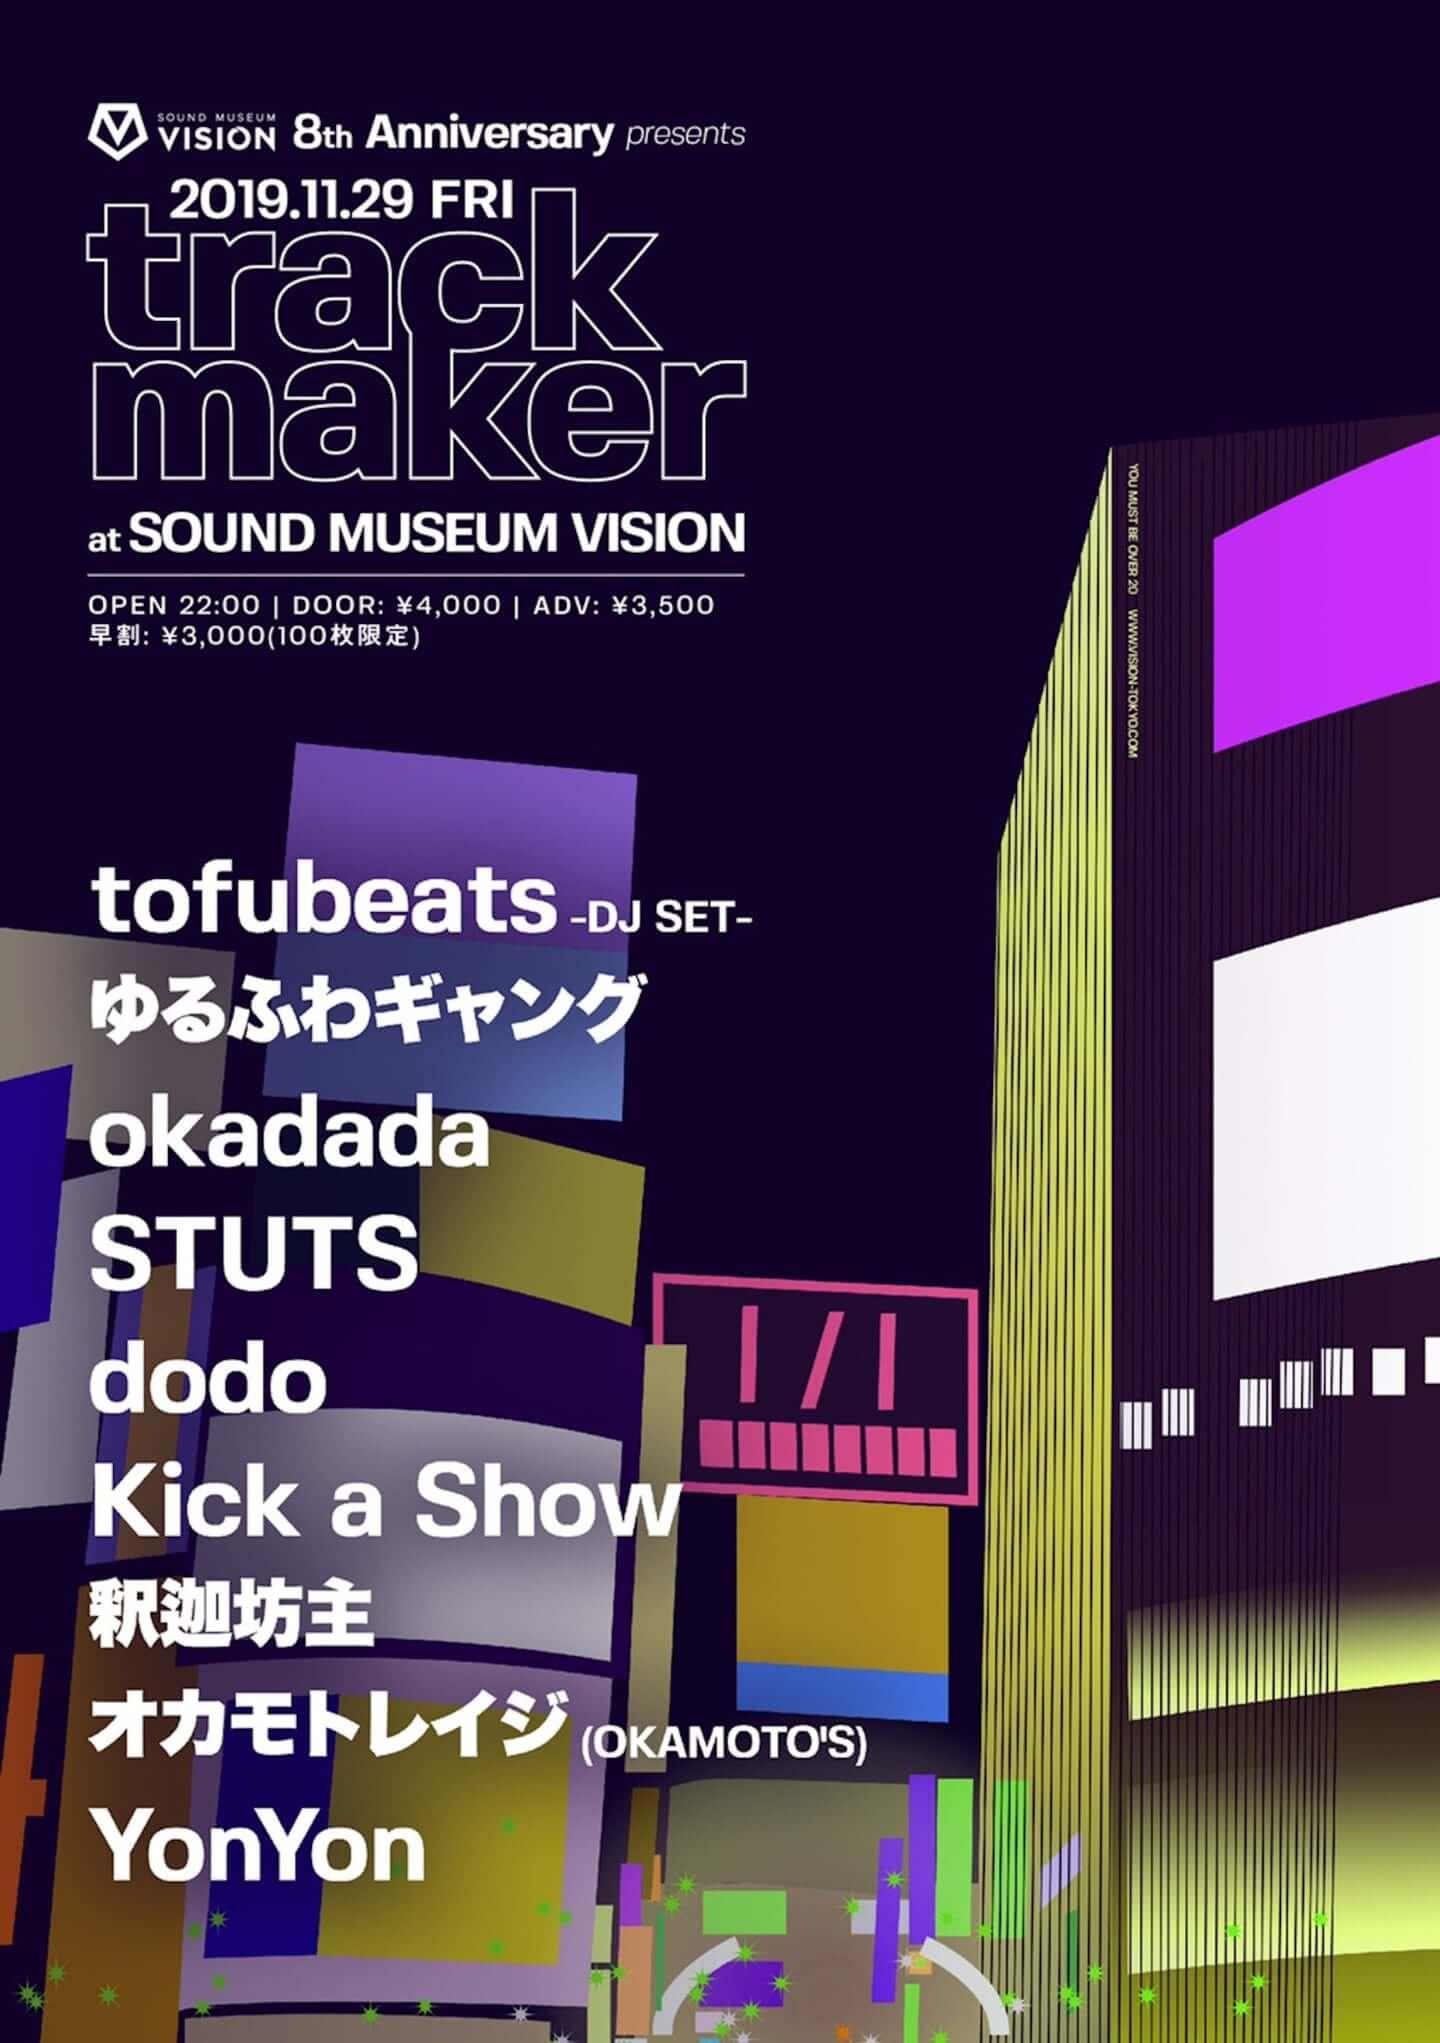 インタビュー|tofubeatsが語る、8周年を迎える渋谷・SOUND MUSEUM VISIONの魅力とは 20191129-1440x2043